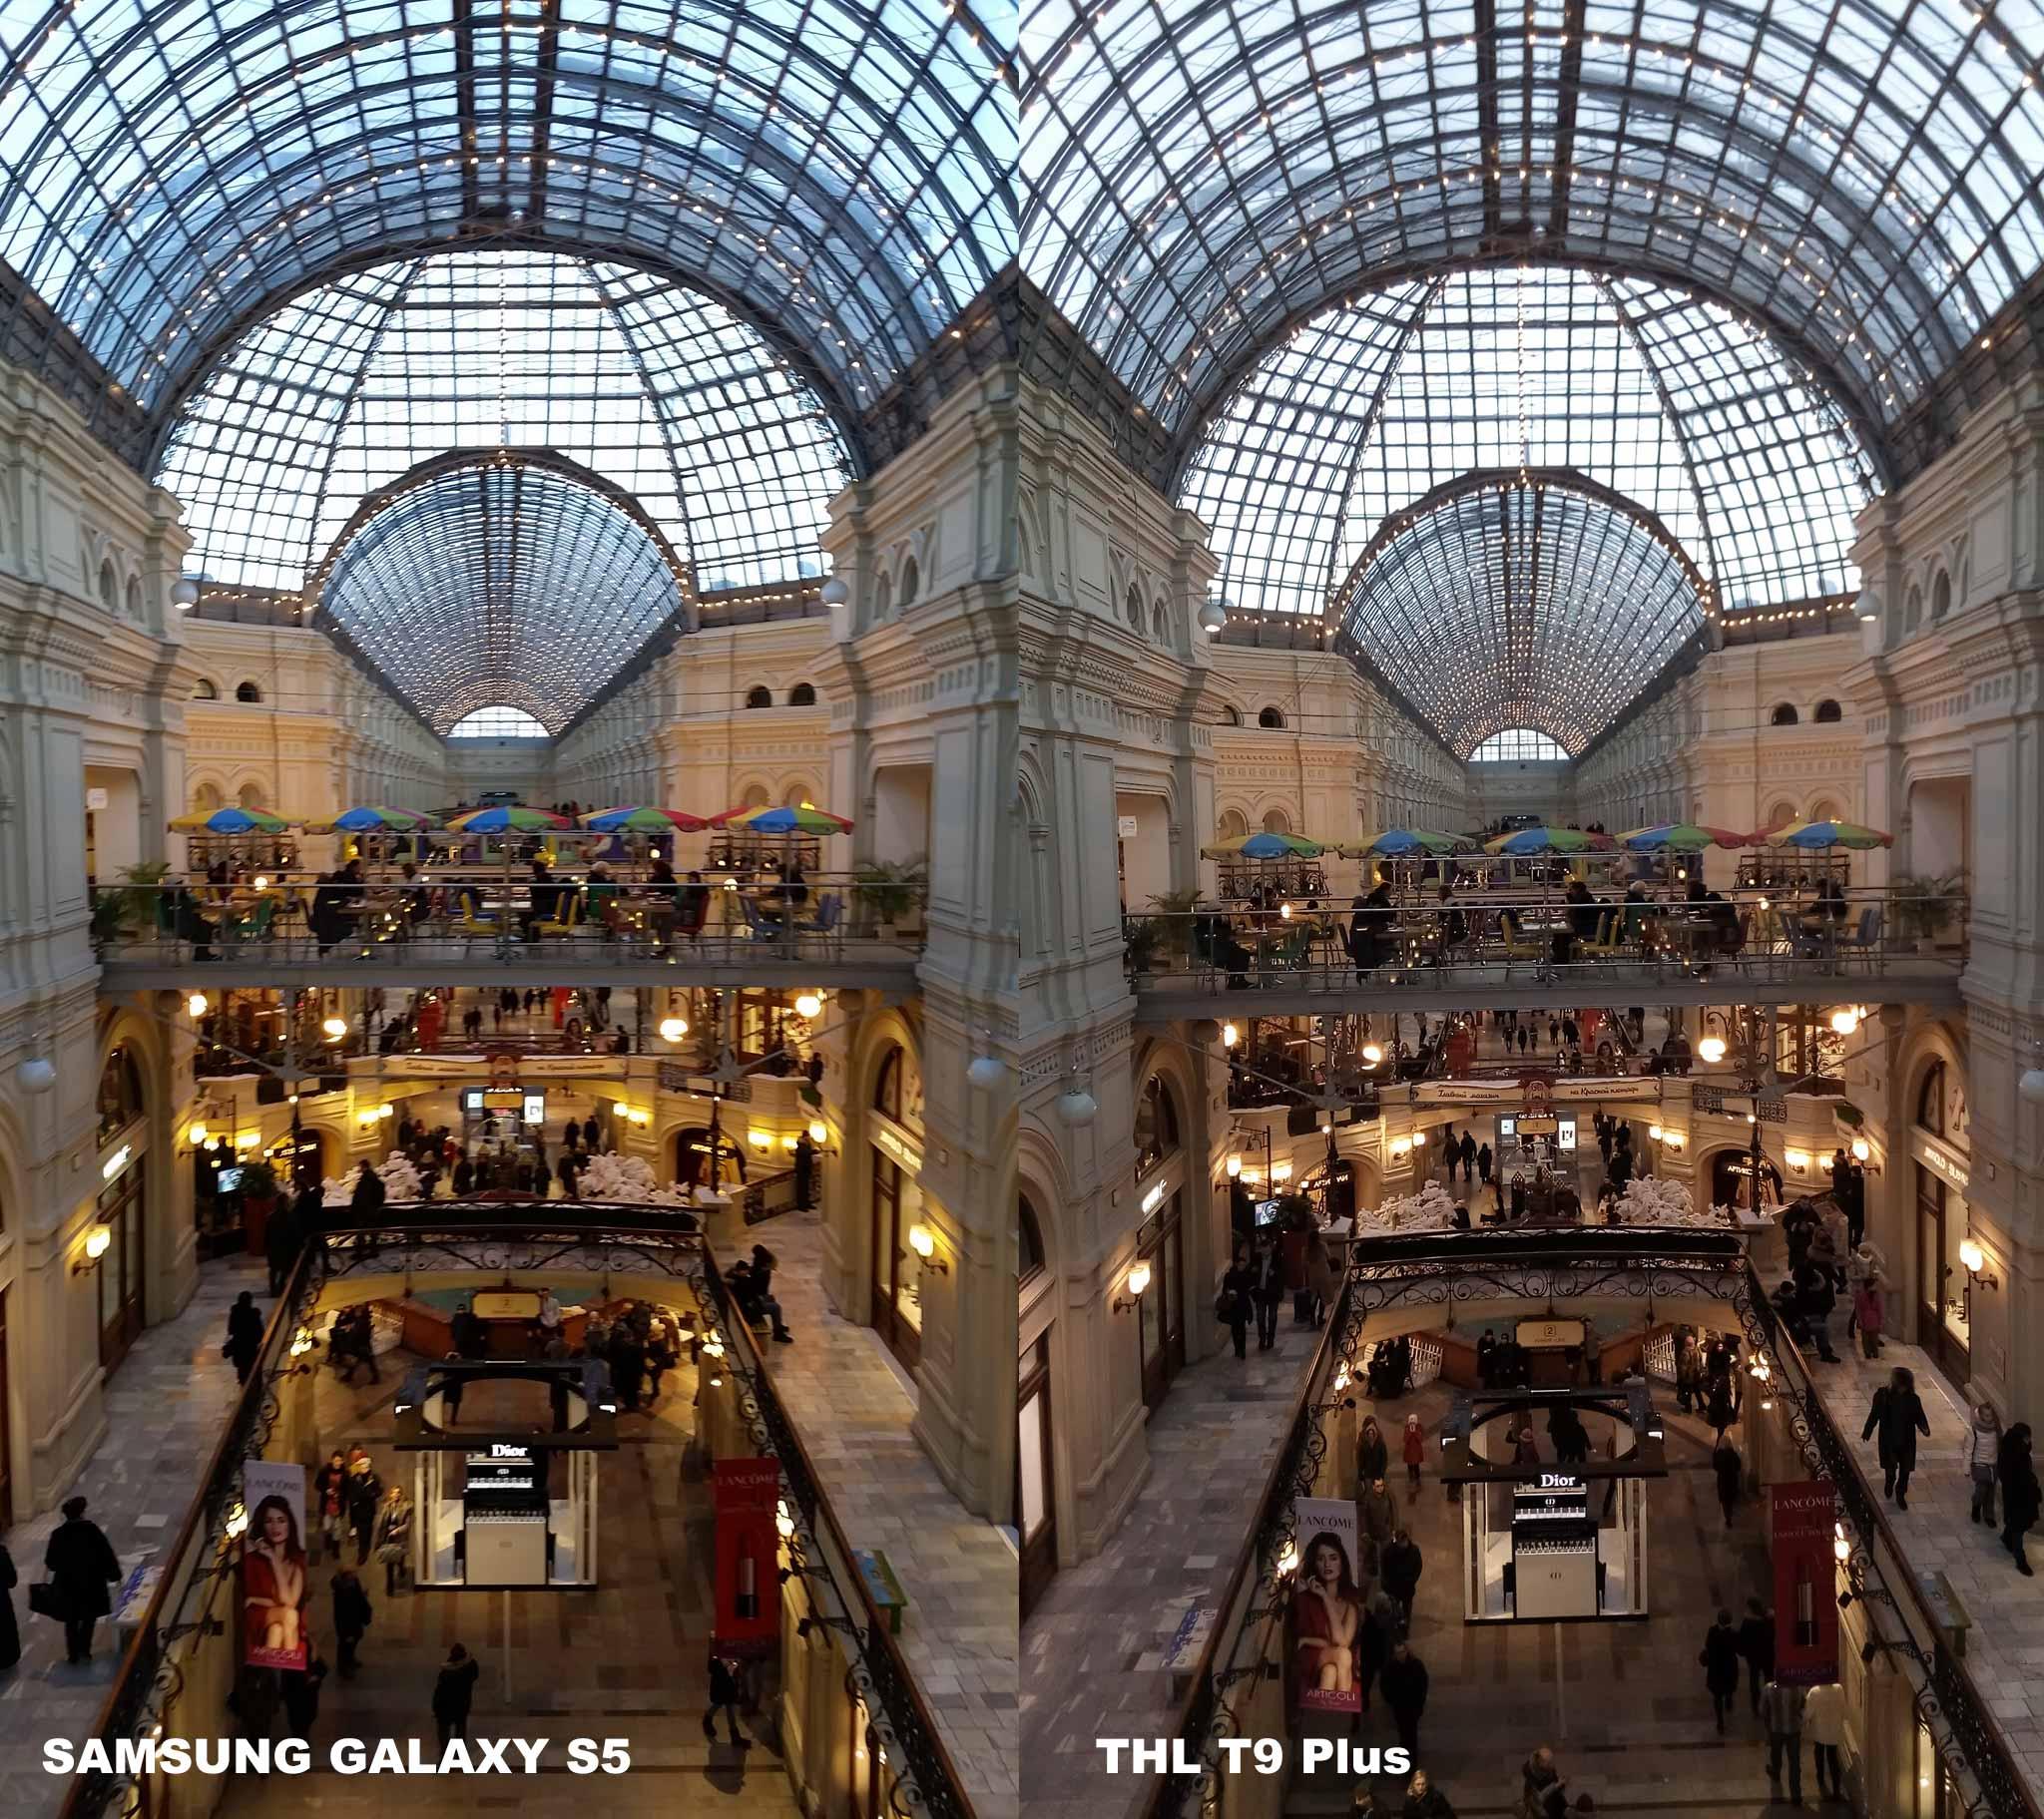 Нажмите на изображение для увеличения.  Название:13 Compare 2.jpg Просмотров:33 Размер:472.0 Кб ID:181231